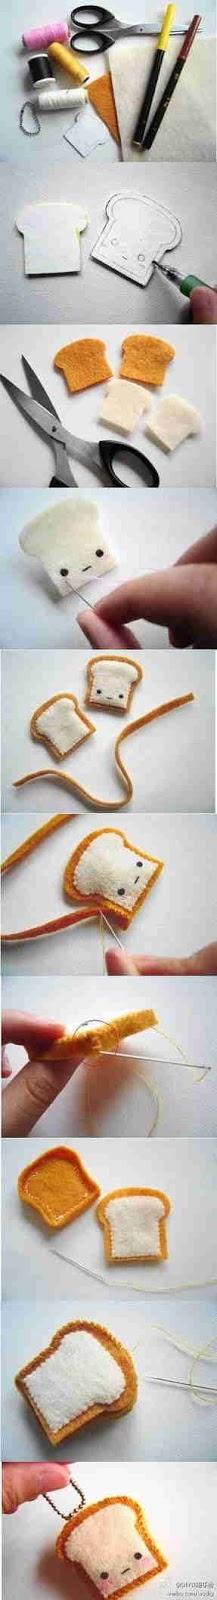 cara membuat Sandwich dari kain flanel